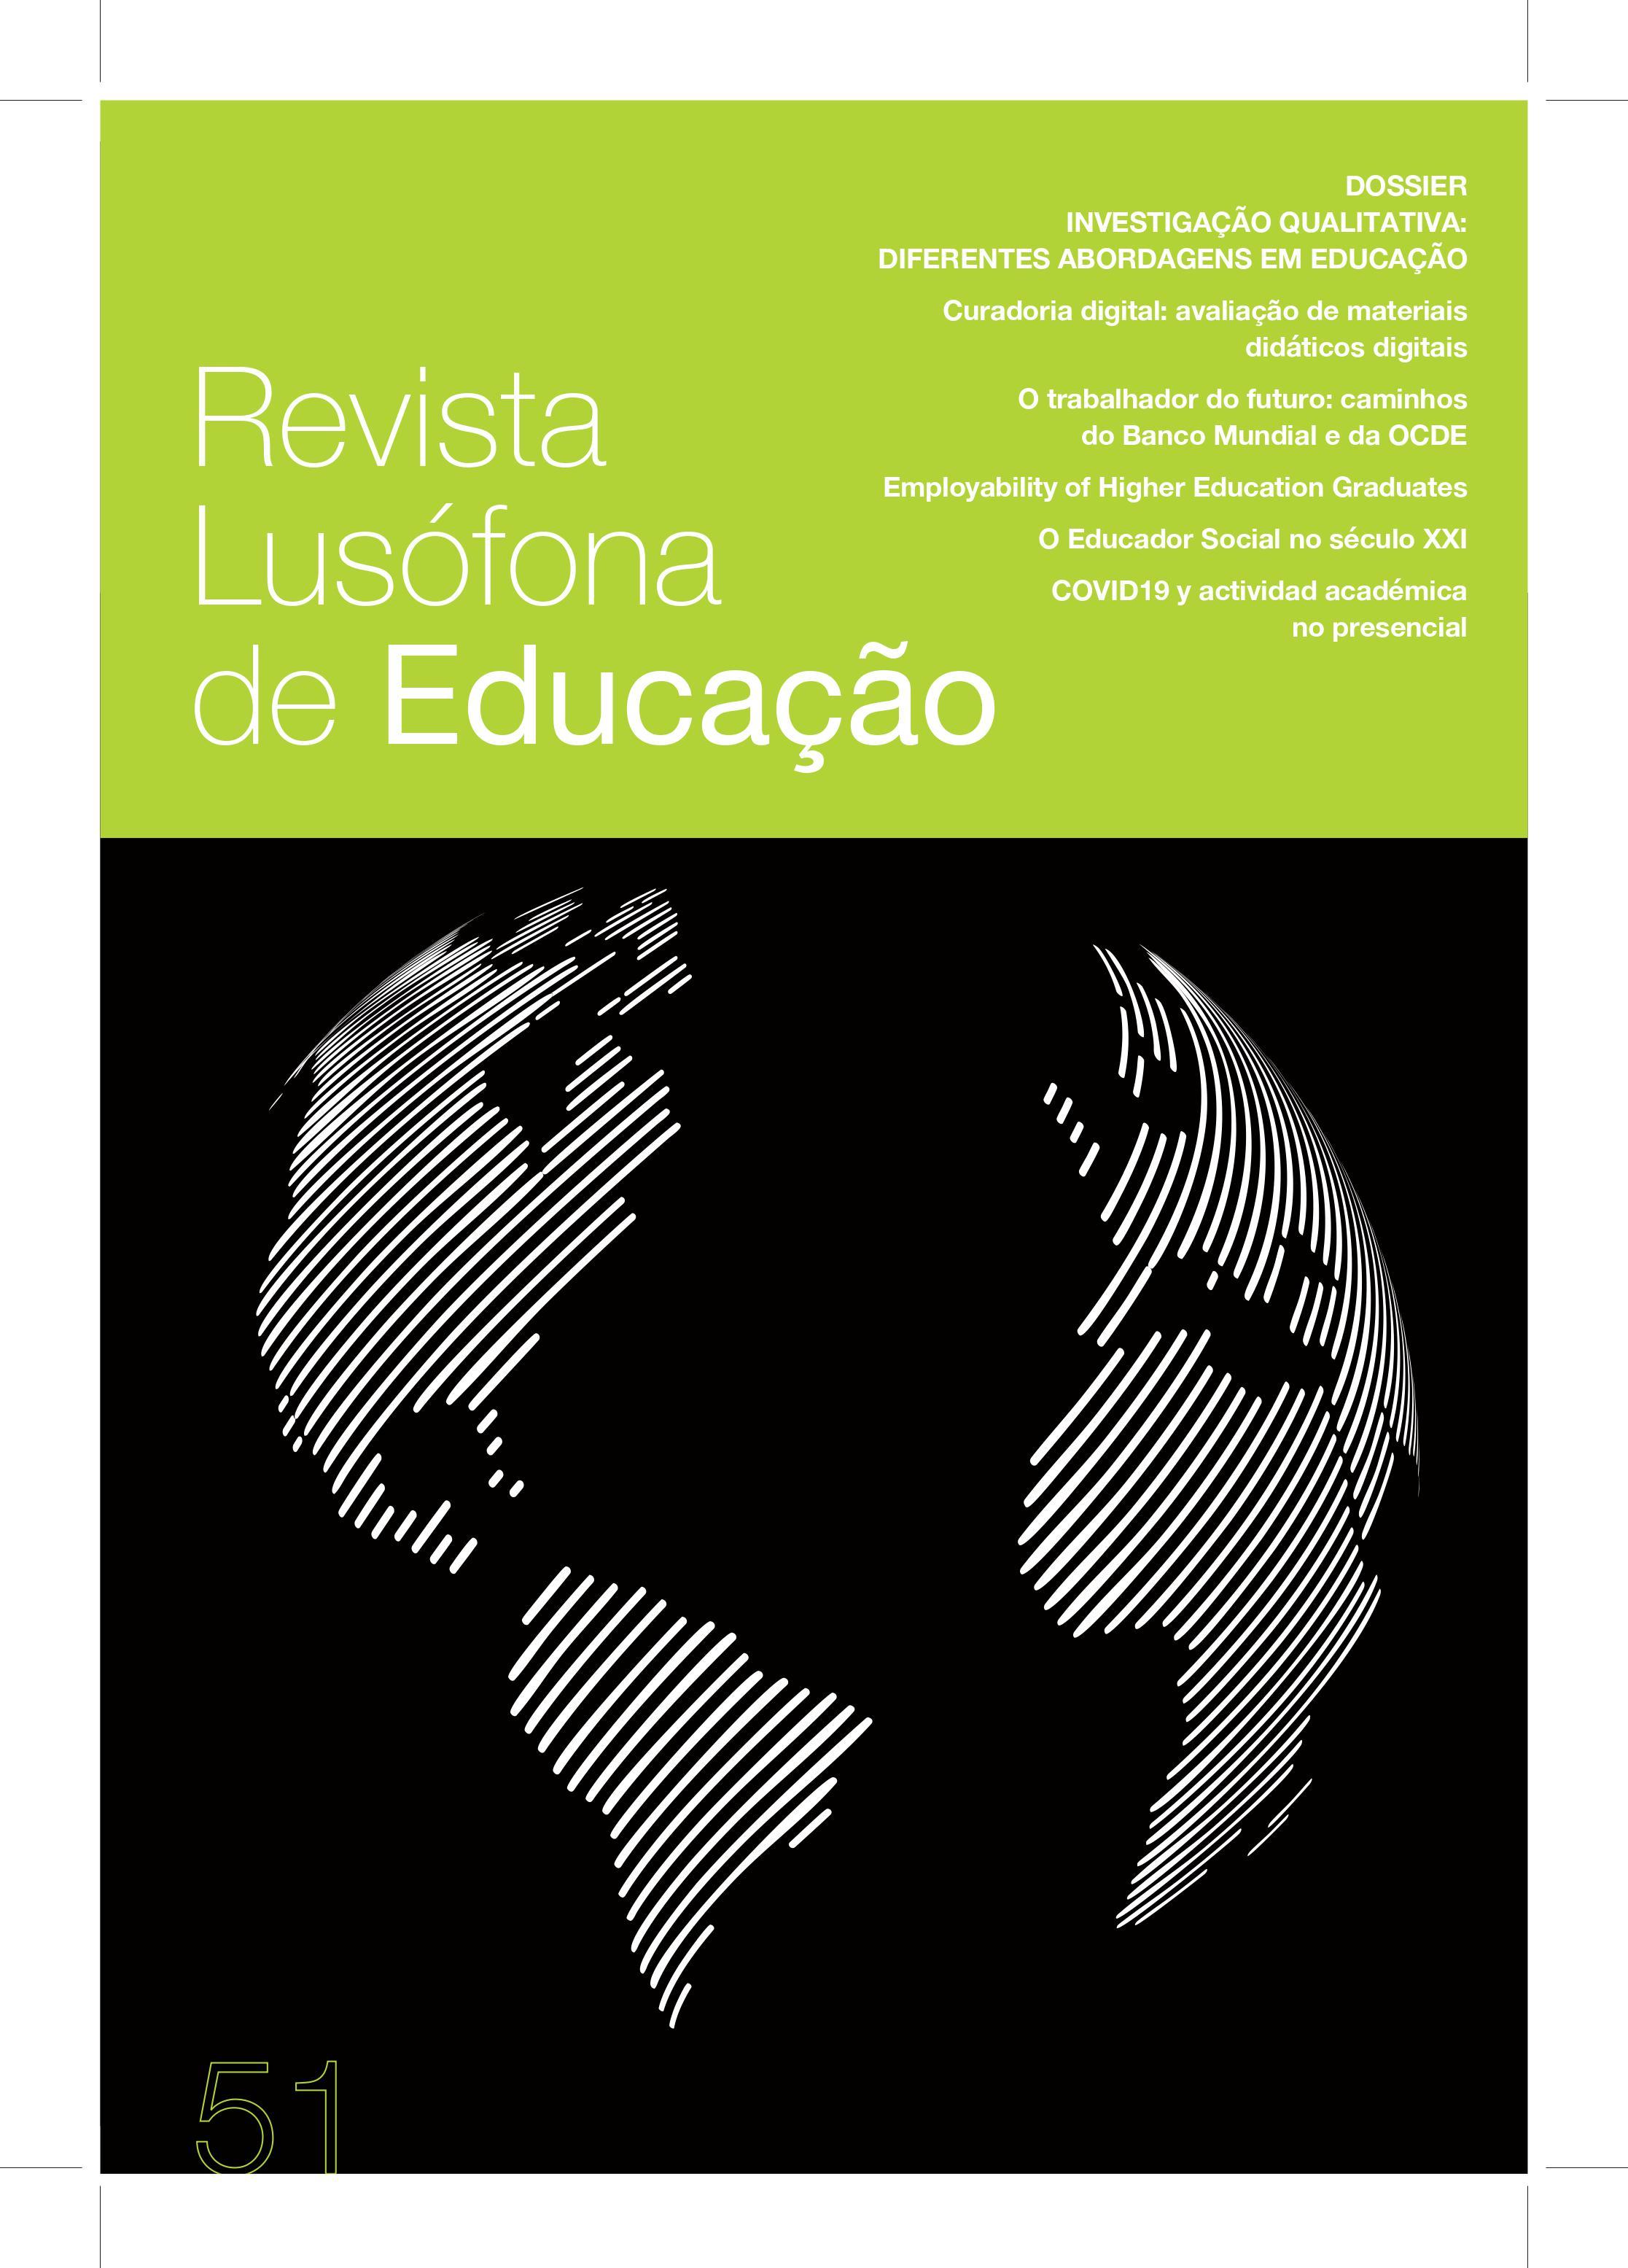 Revista Lusófona de Educação - 51